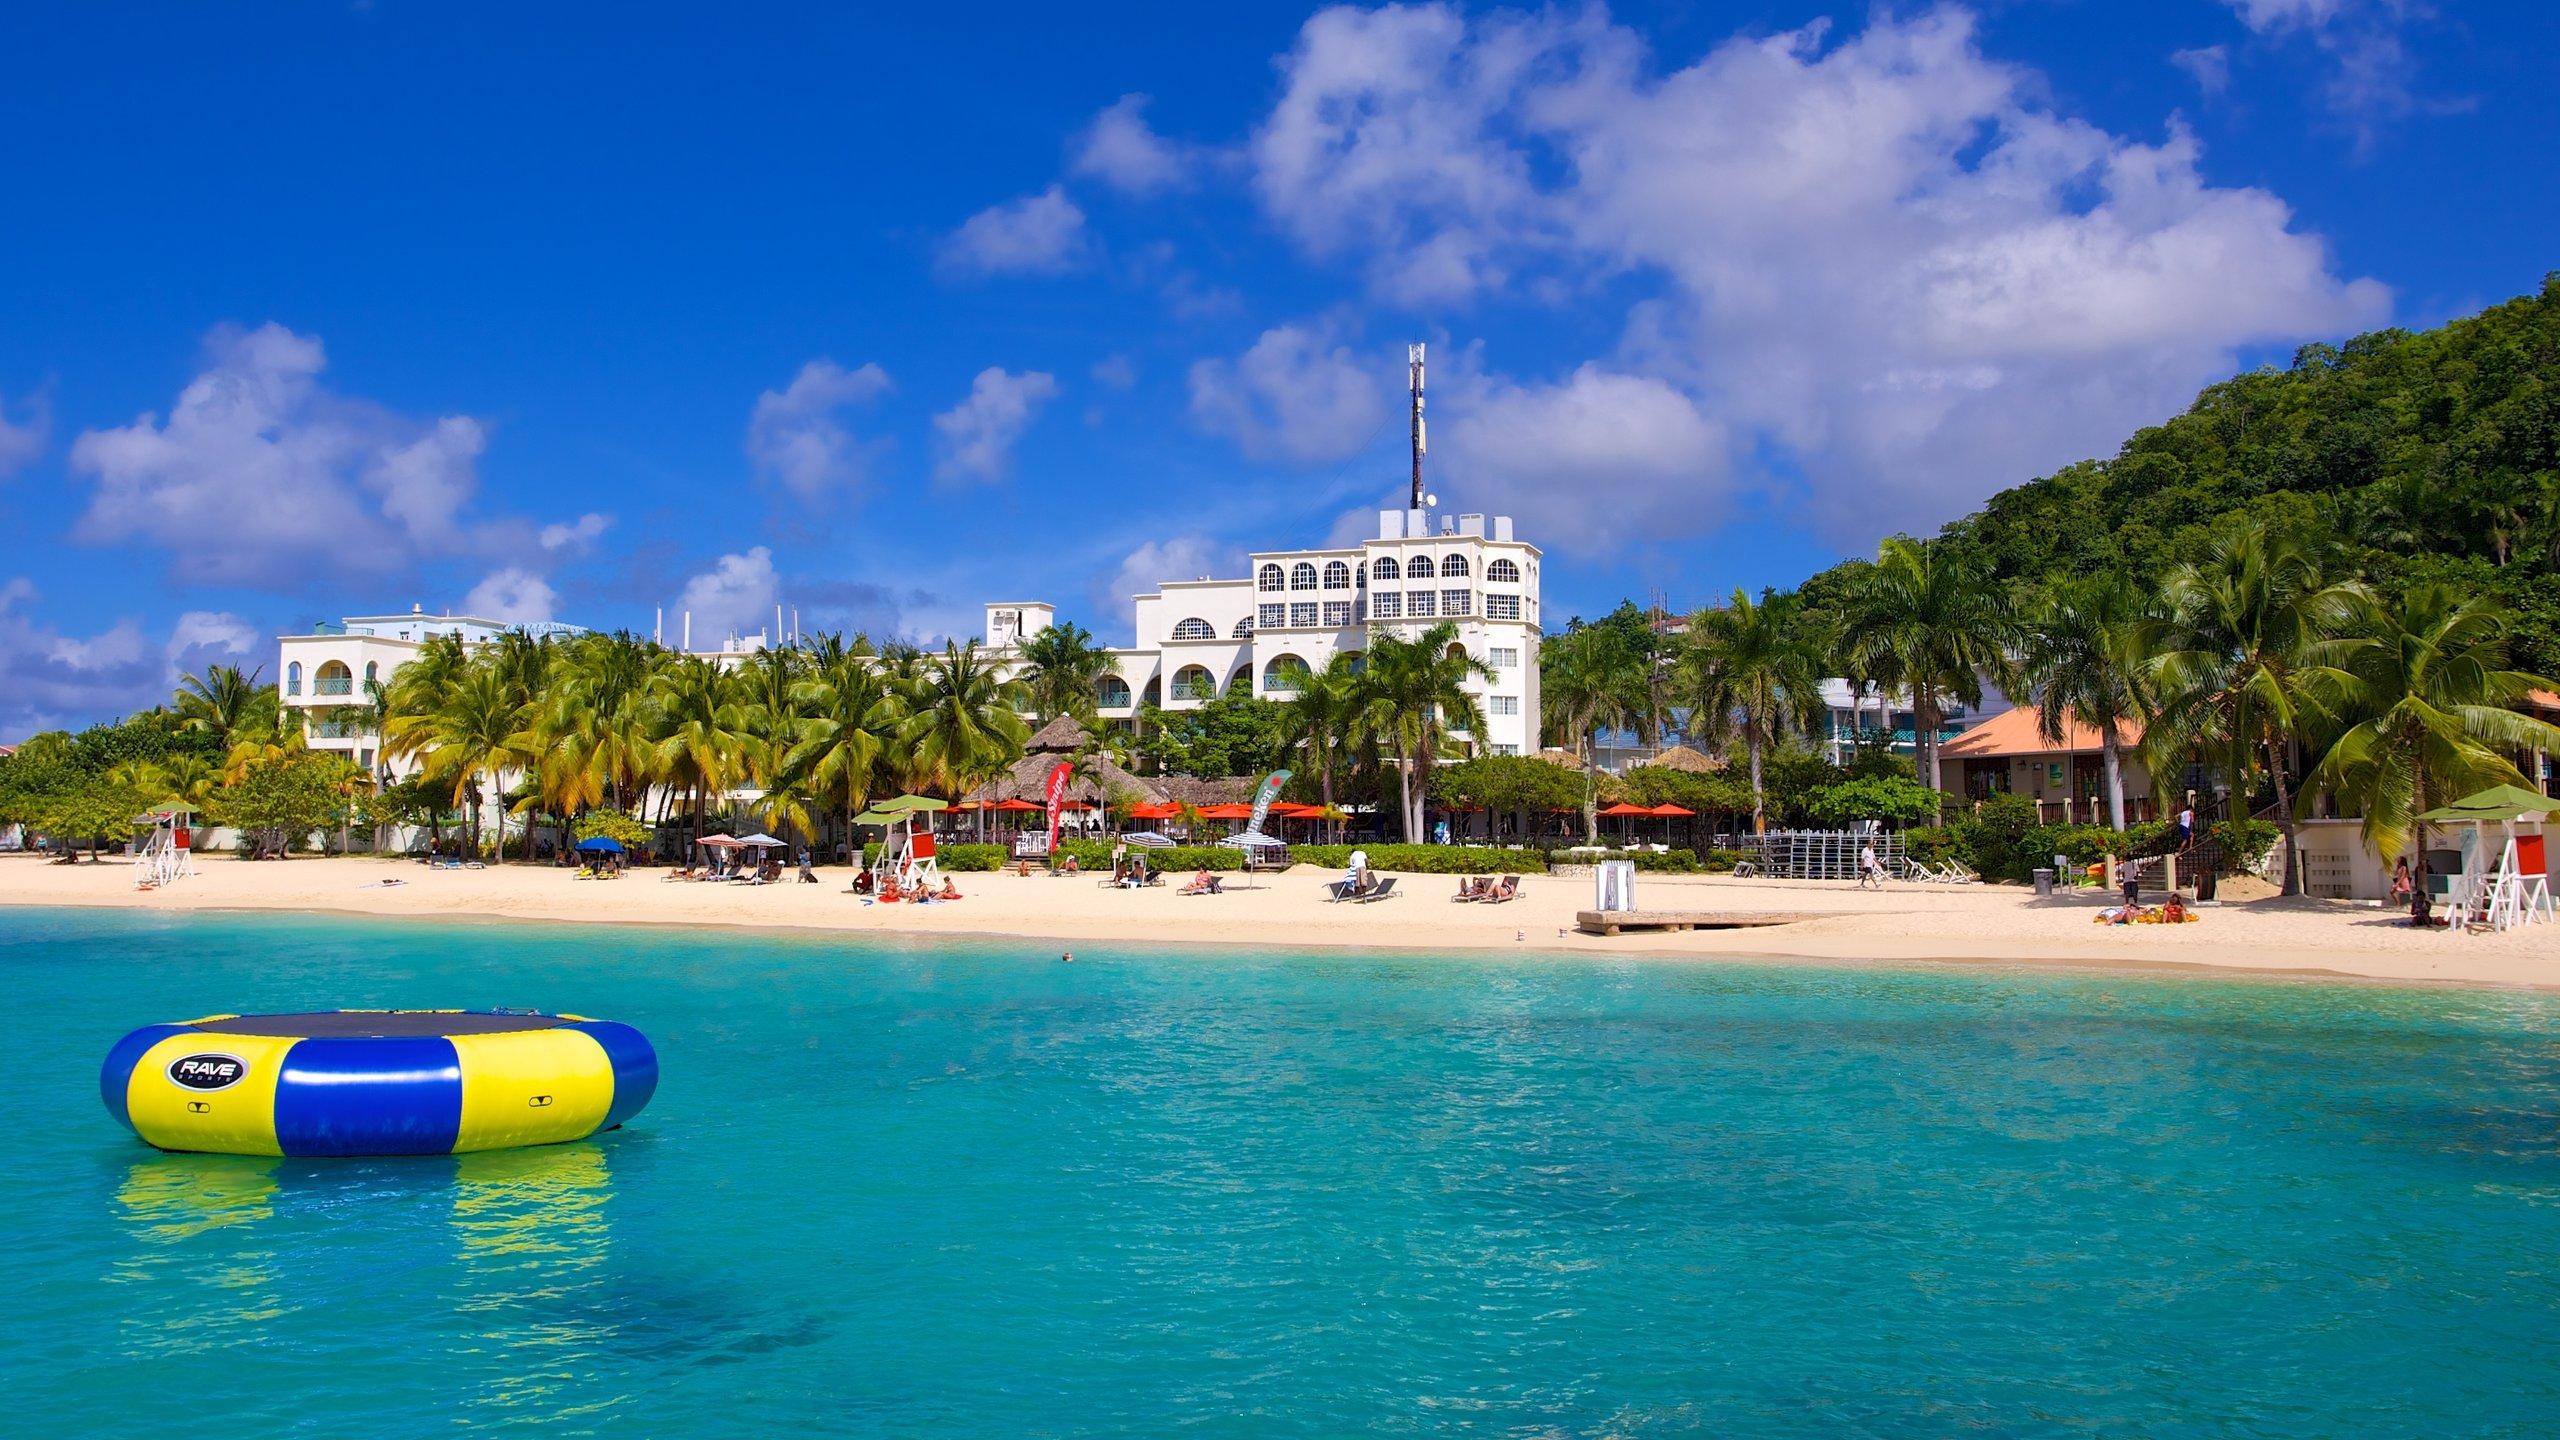 Saint James, Jamaica